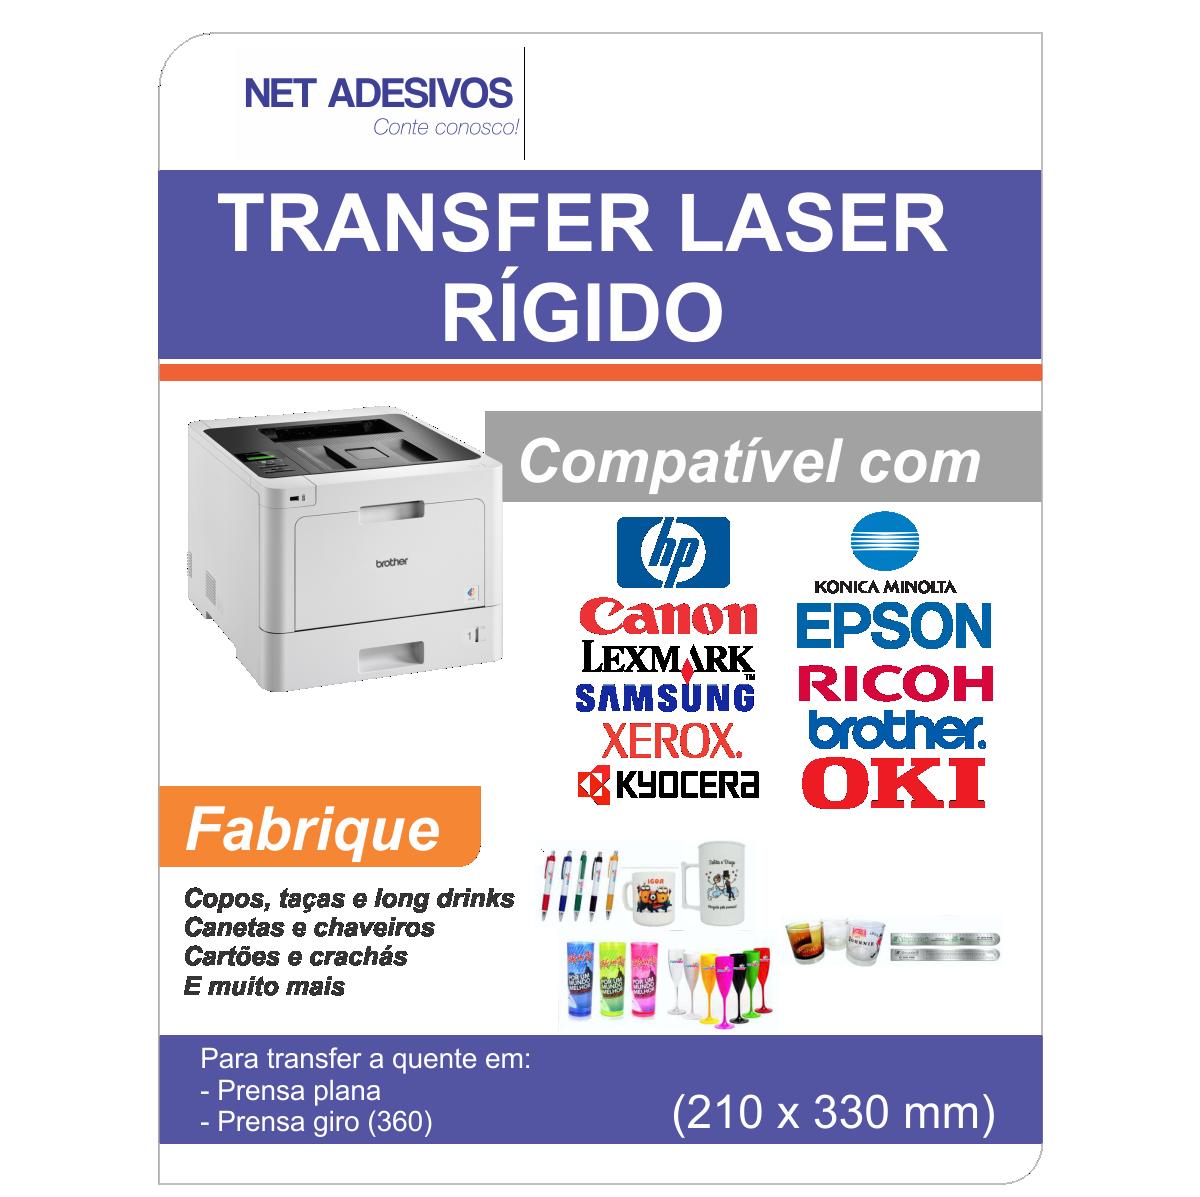 Papel Transfer Laser Rigido - 210 x 330 mm